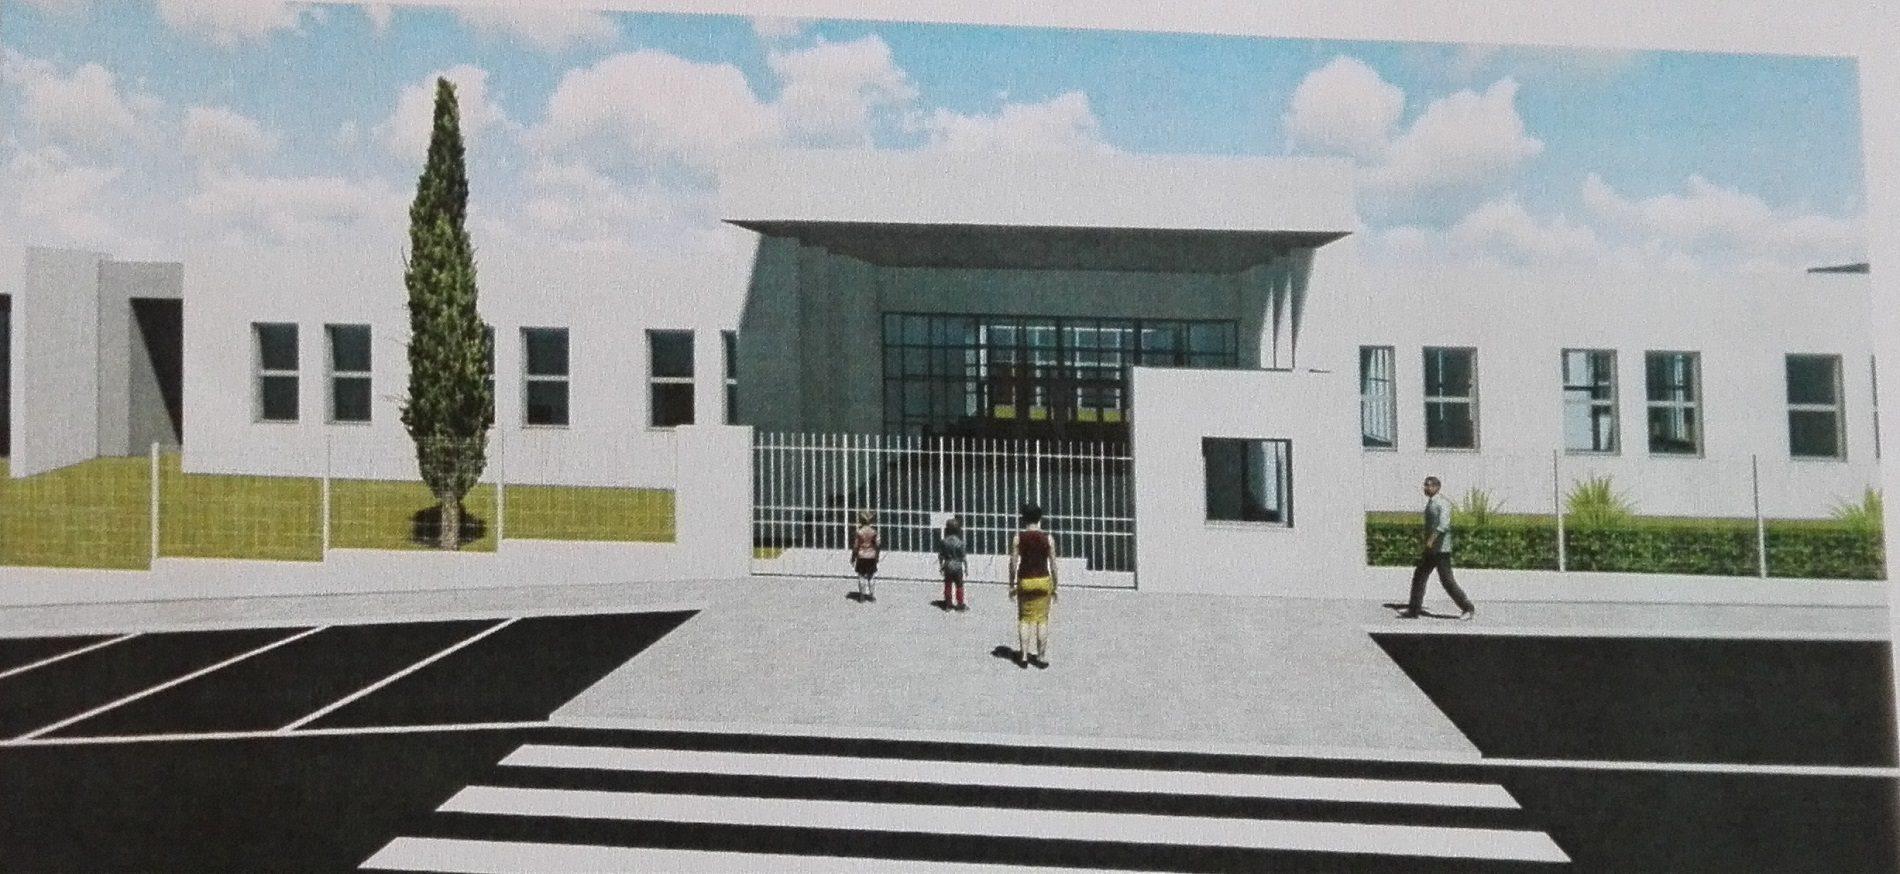 Futuro Campus Educativo de Oliveira do Hospital vai custar mais 1,5 milhões de Euros do que inicialmente previsto